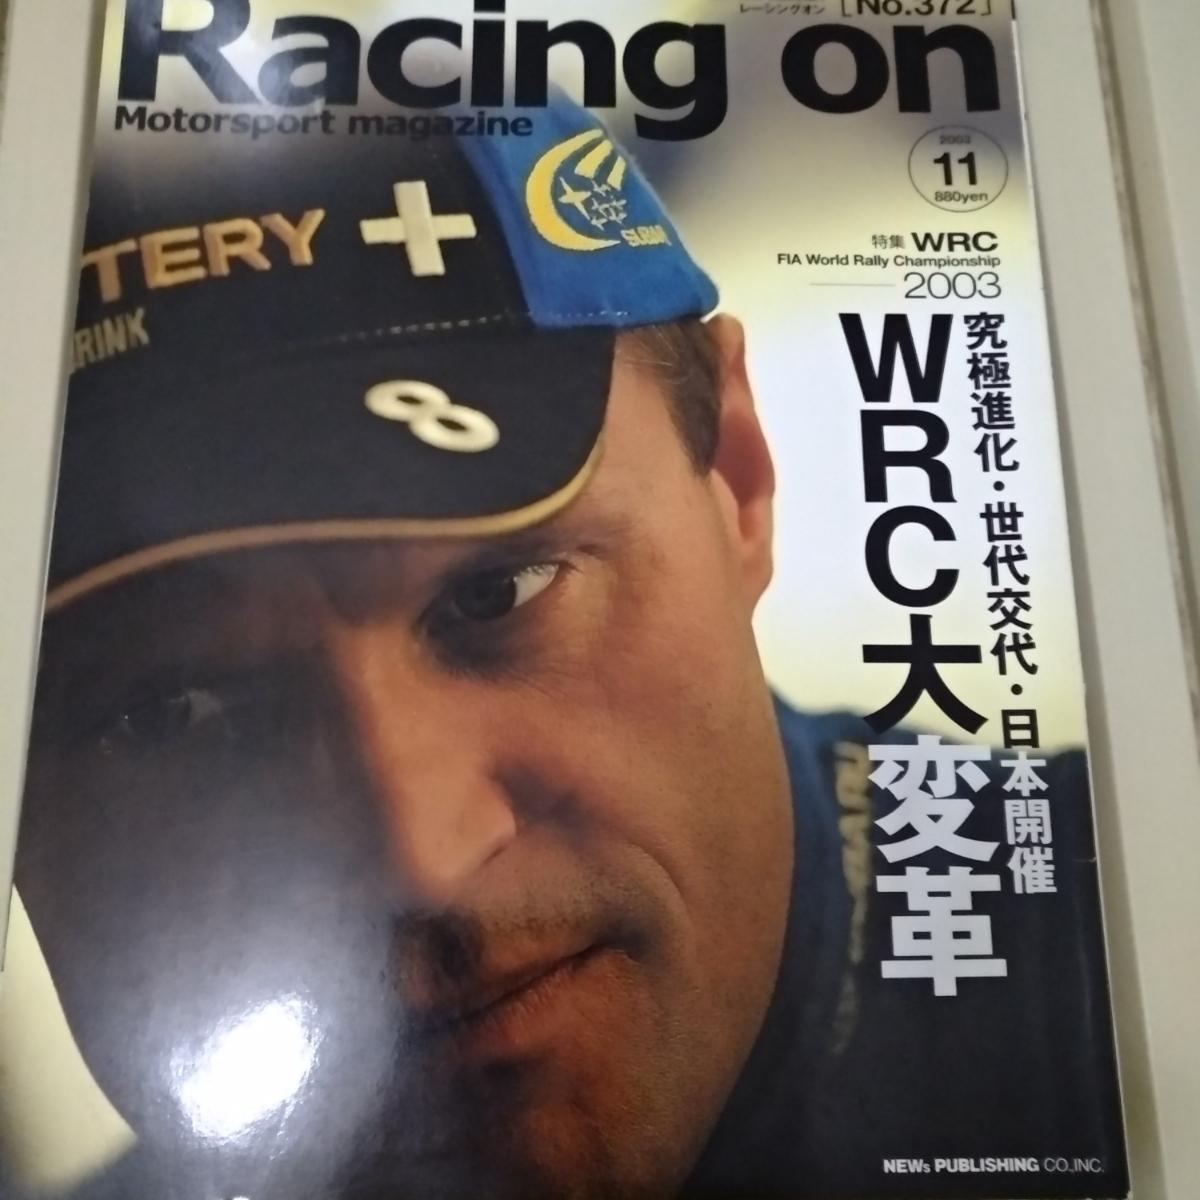 送無料 Racing On 372WRC2003大変革 三栄書房 レーシングオン